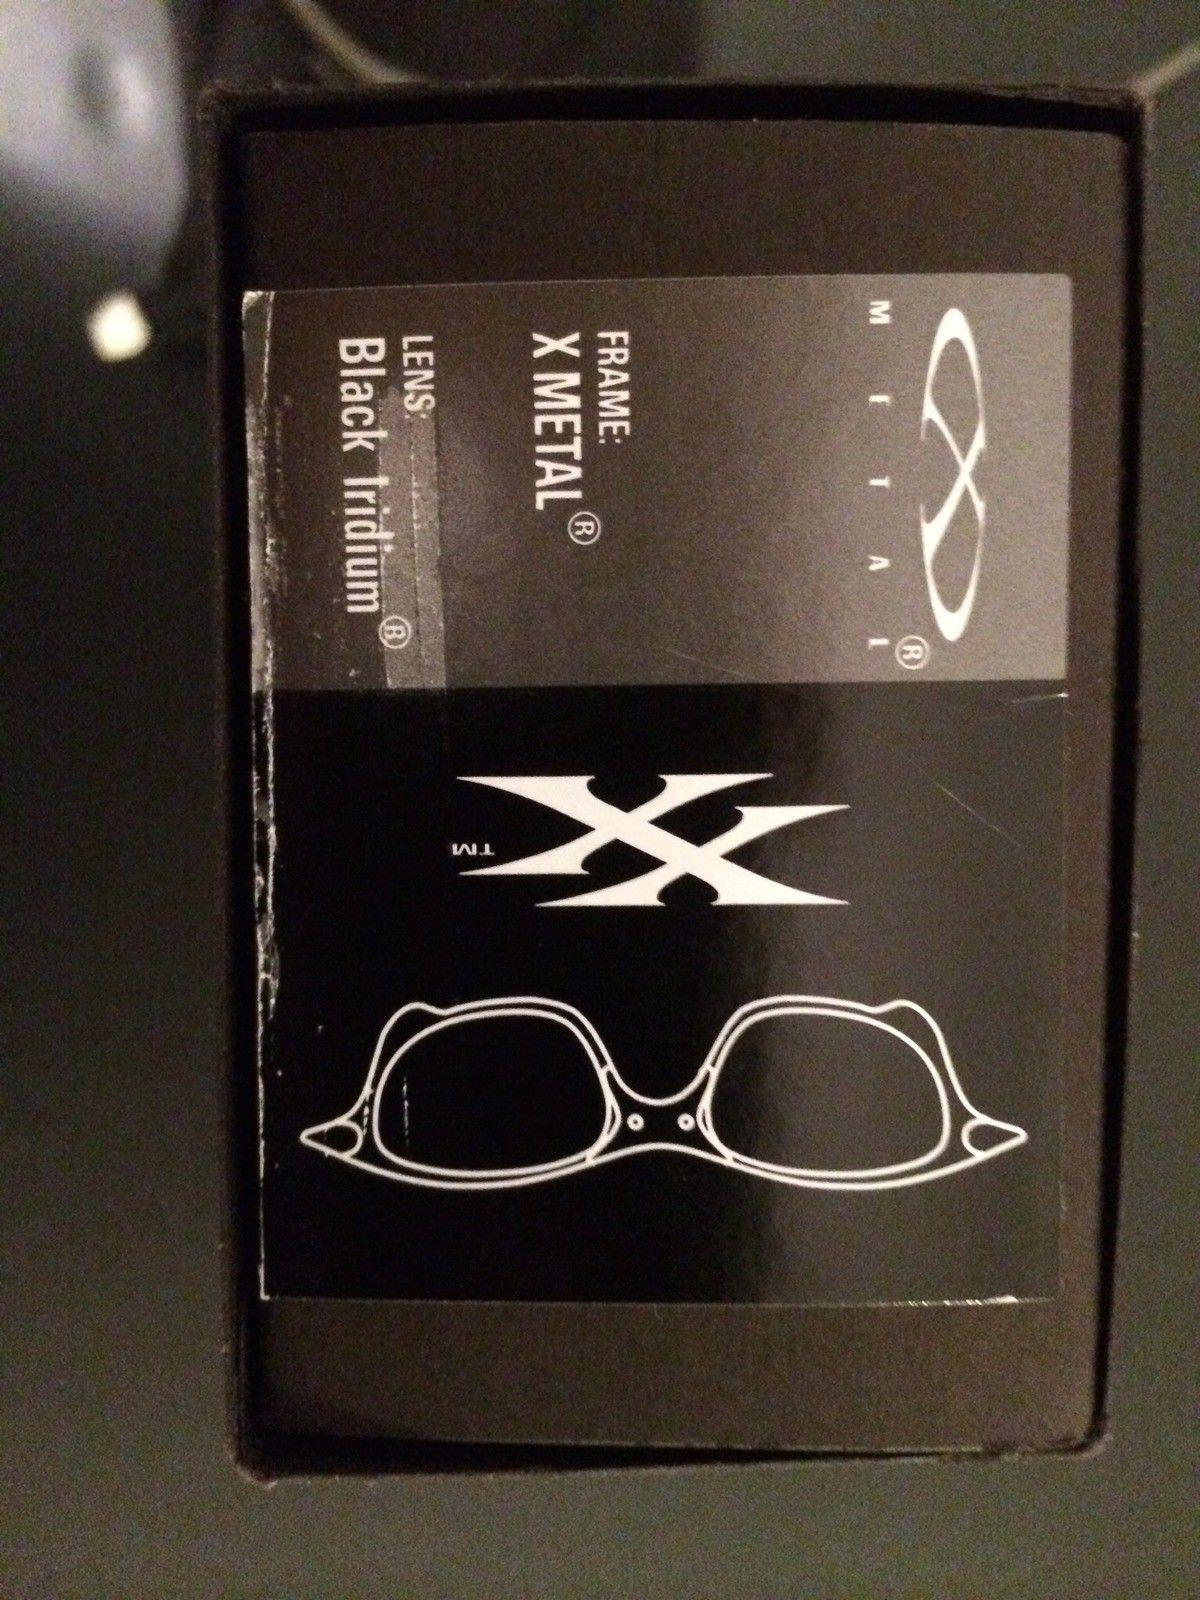 X-Metal XX/24kIrid & Used BI - eb0f.jpg